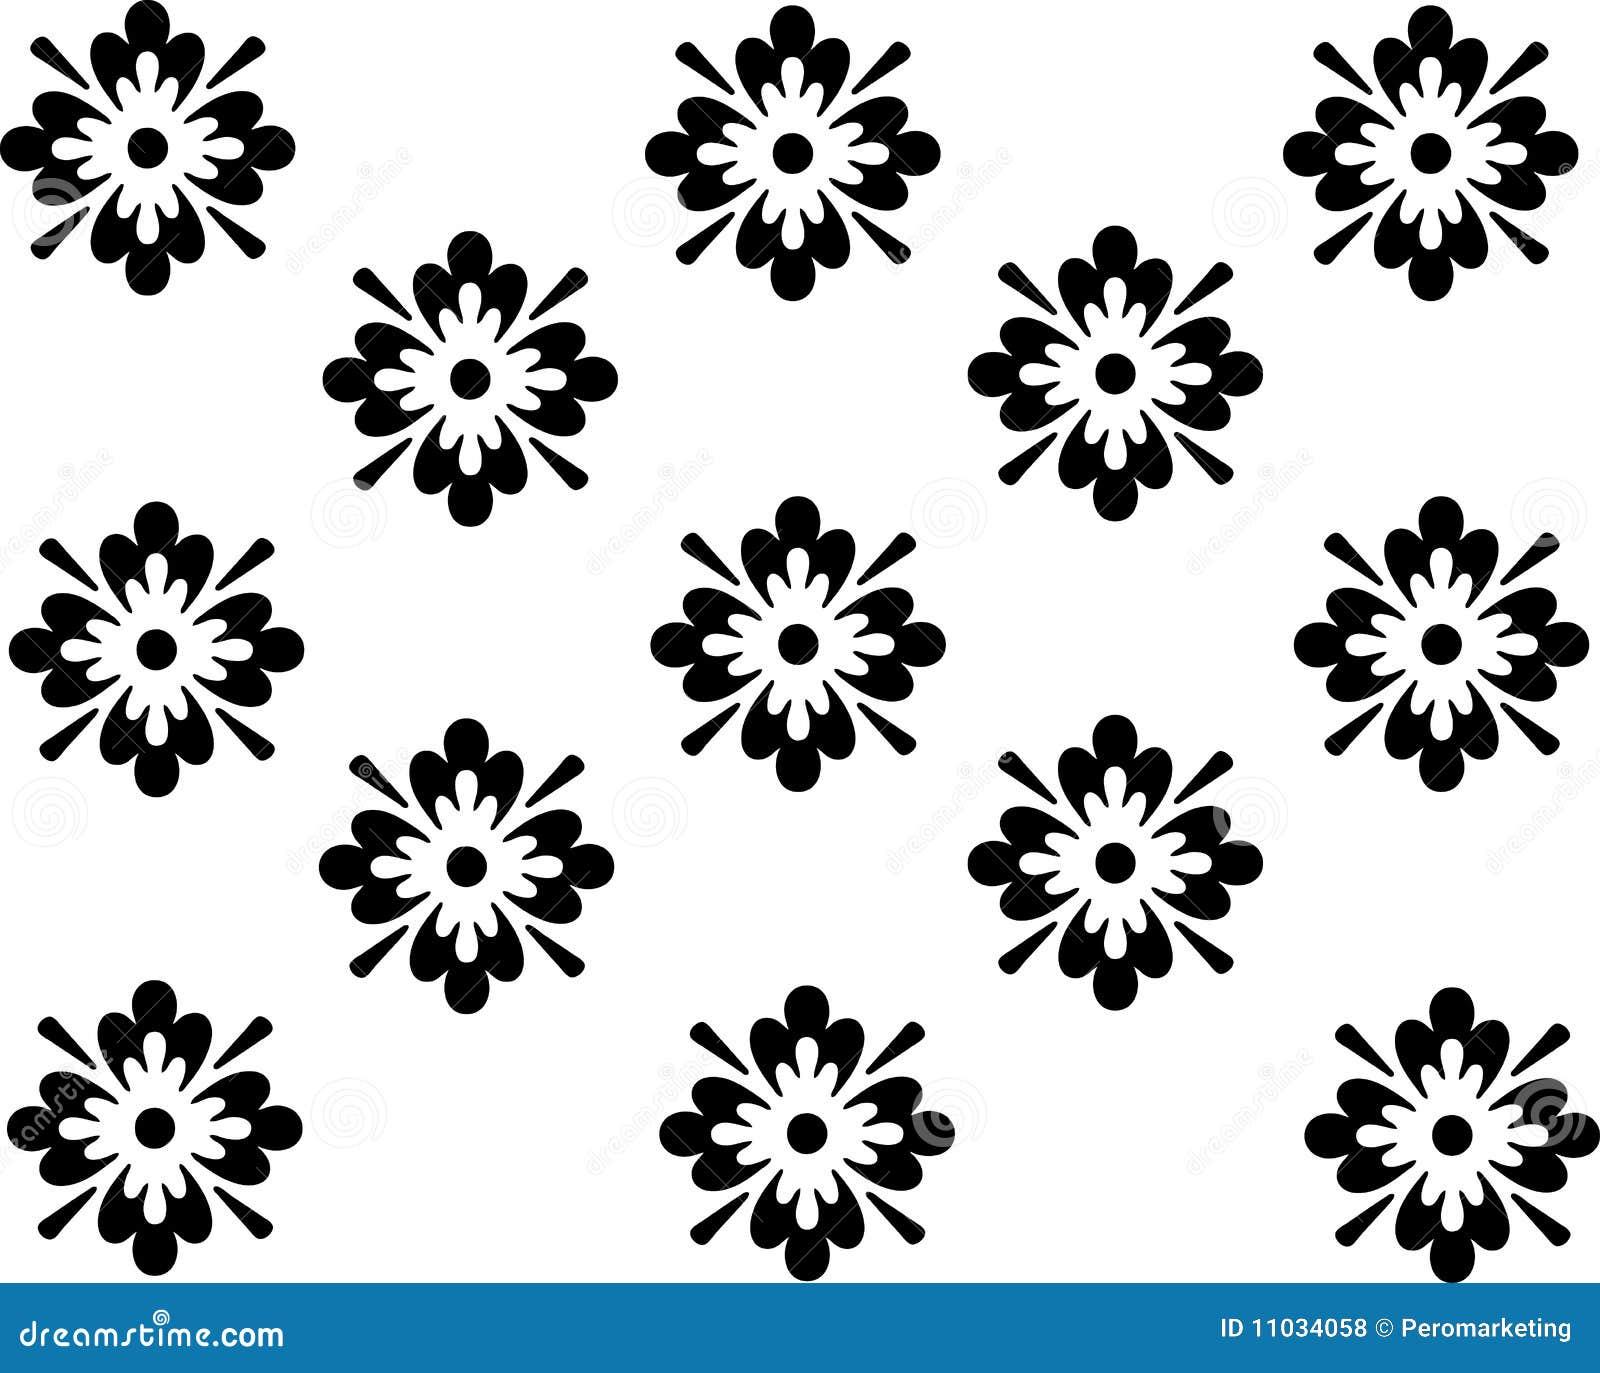 White Wallpaper Design : Wallpaper design on white background royalty free stock